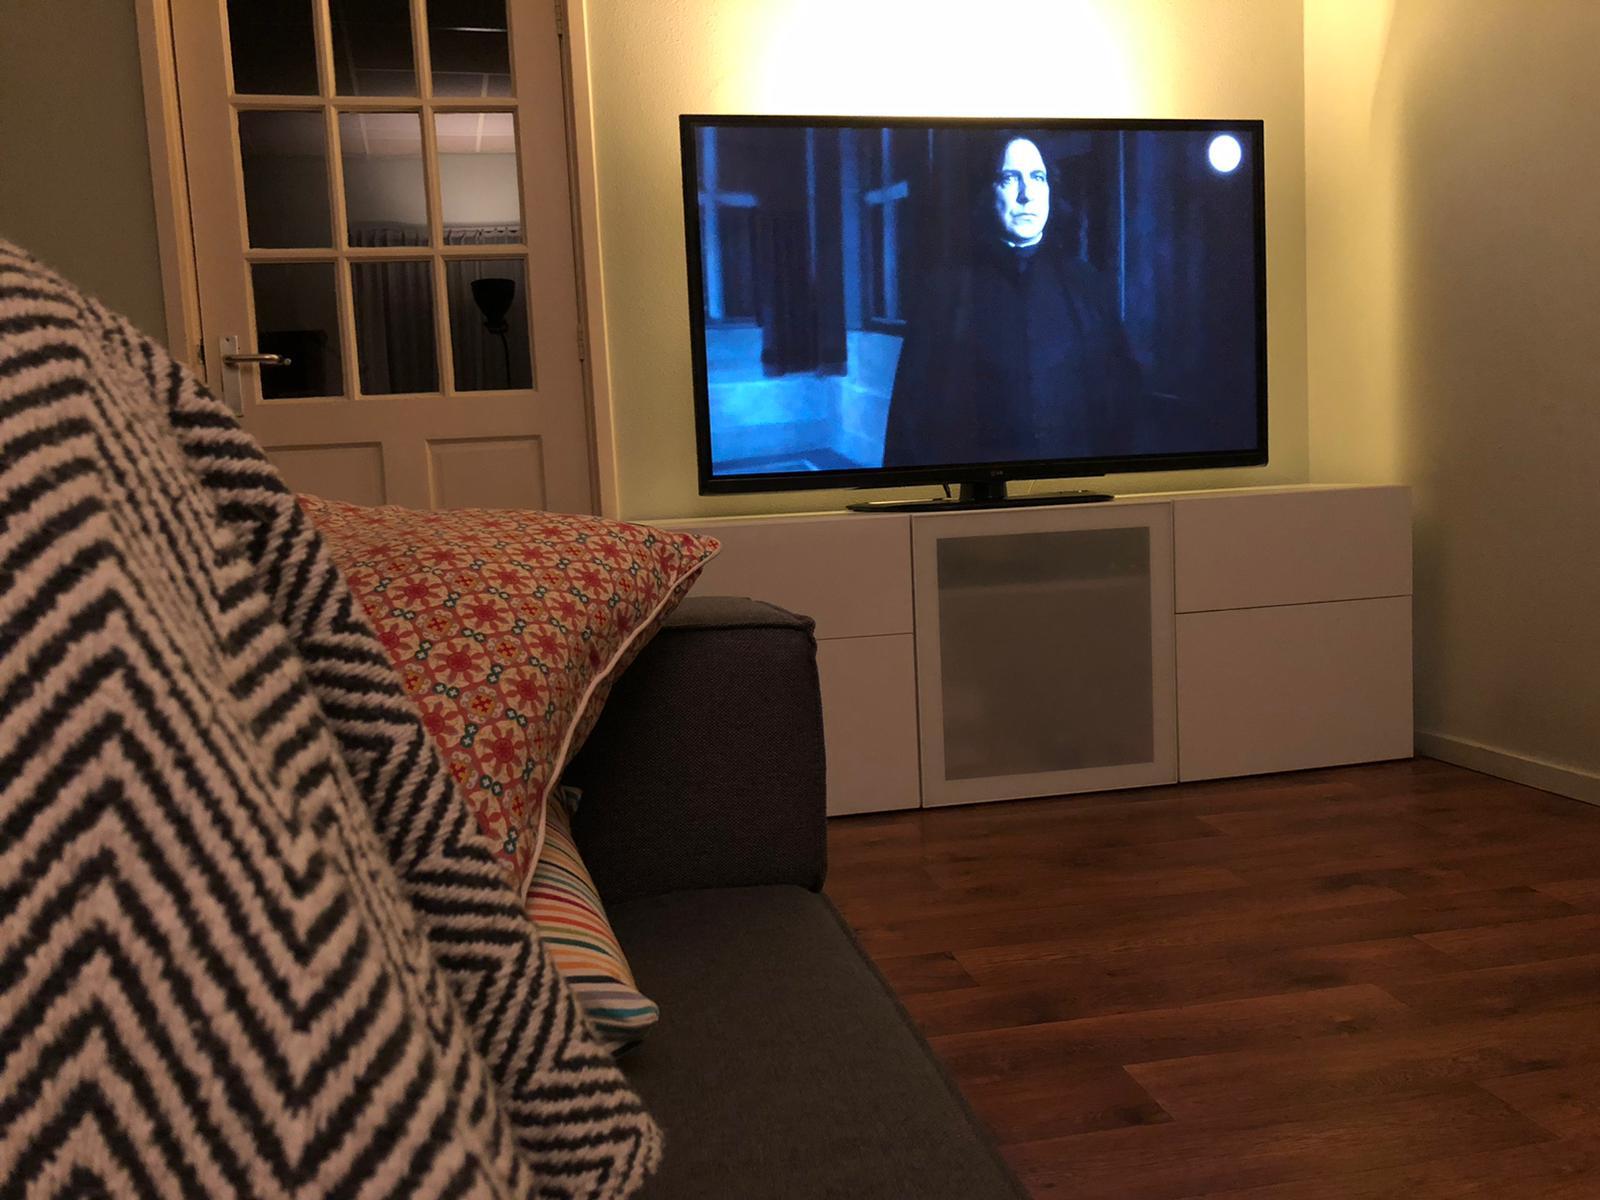 Harry Potter kijken op tv